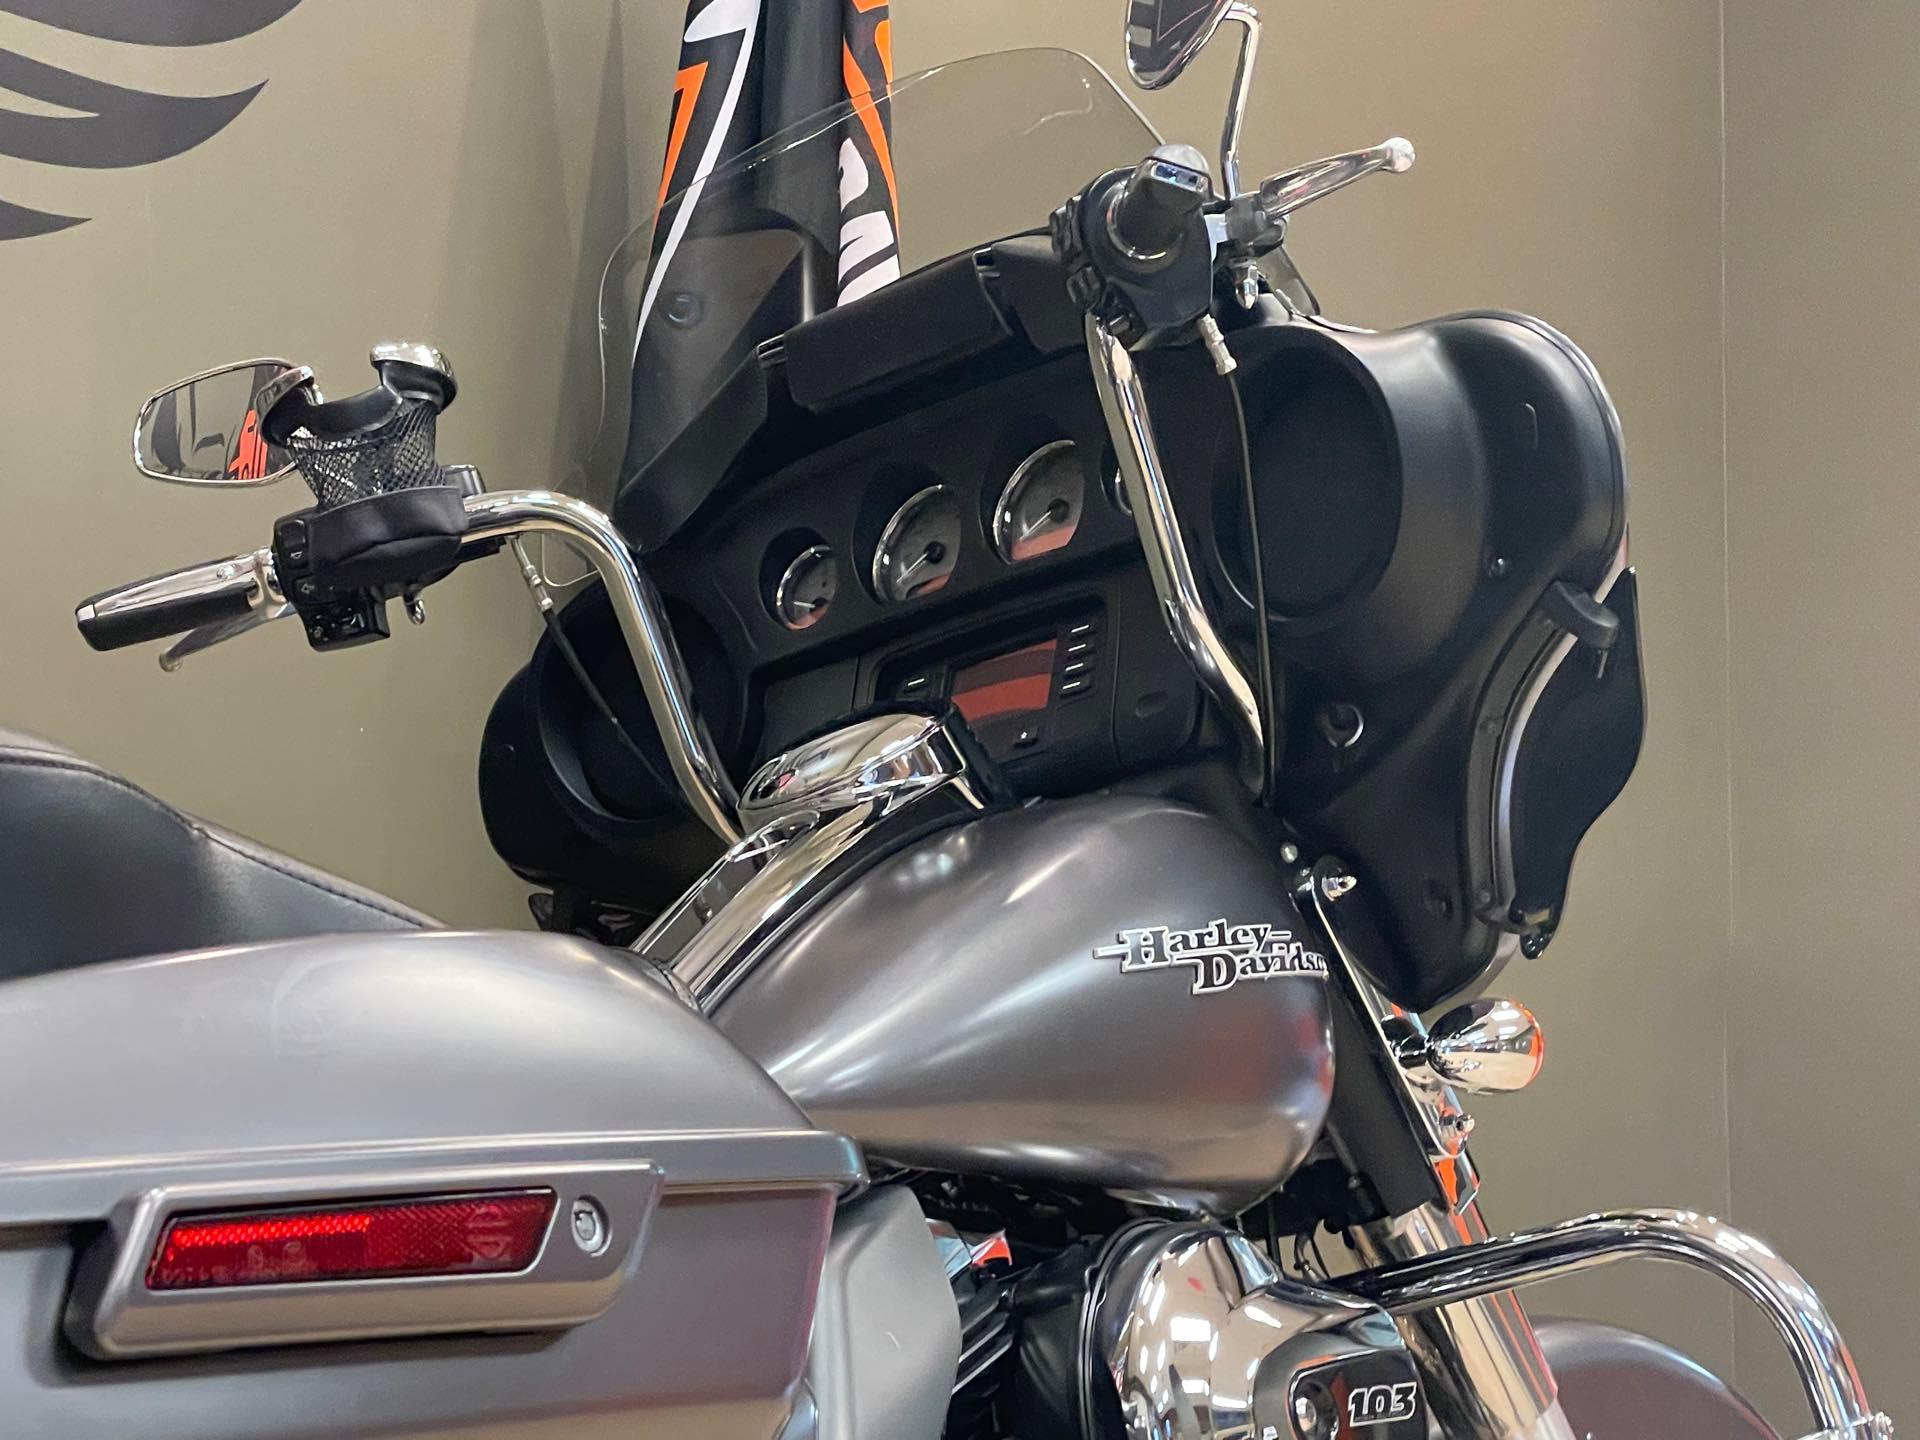 2015 Harley-Davidson Street Glide Base at Loess Hills Harley-Davidson